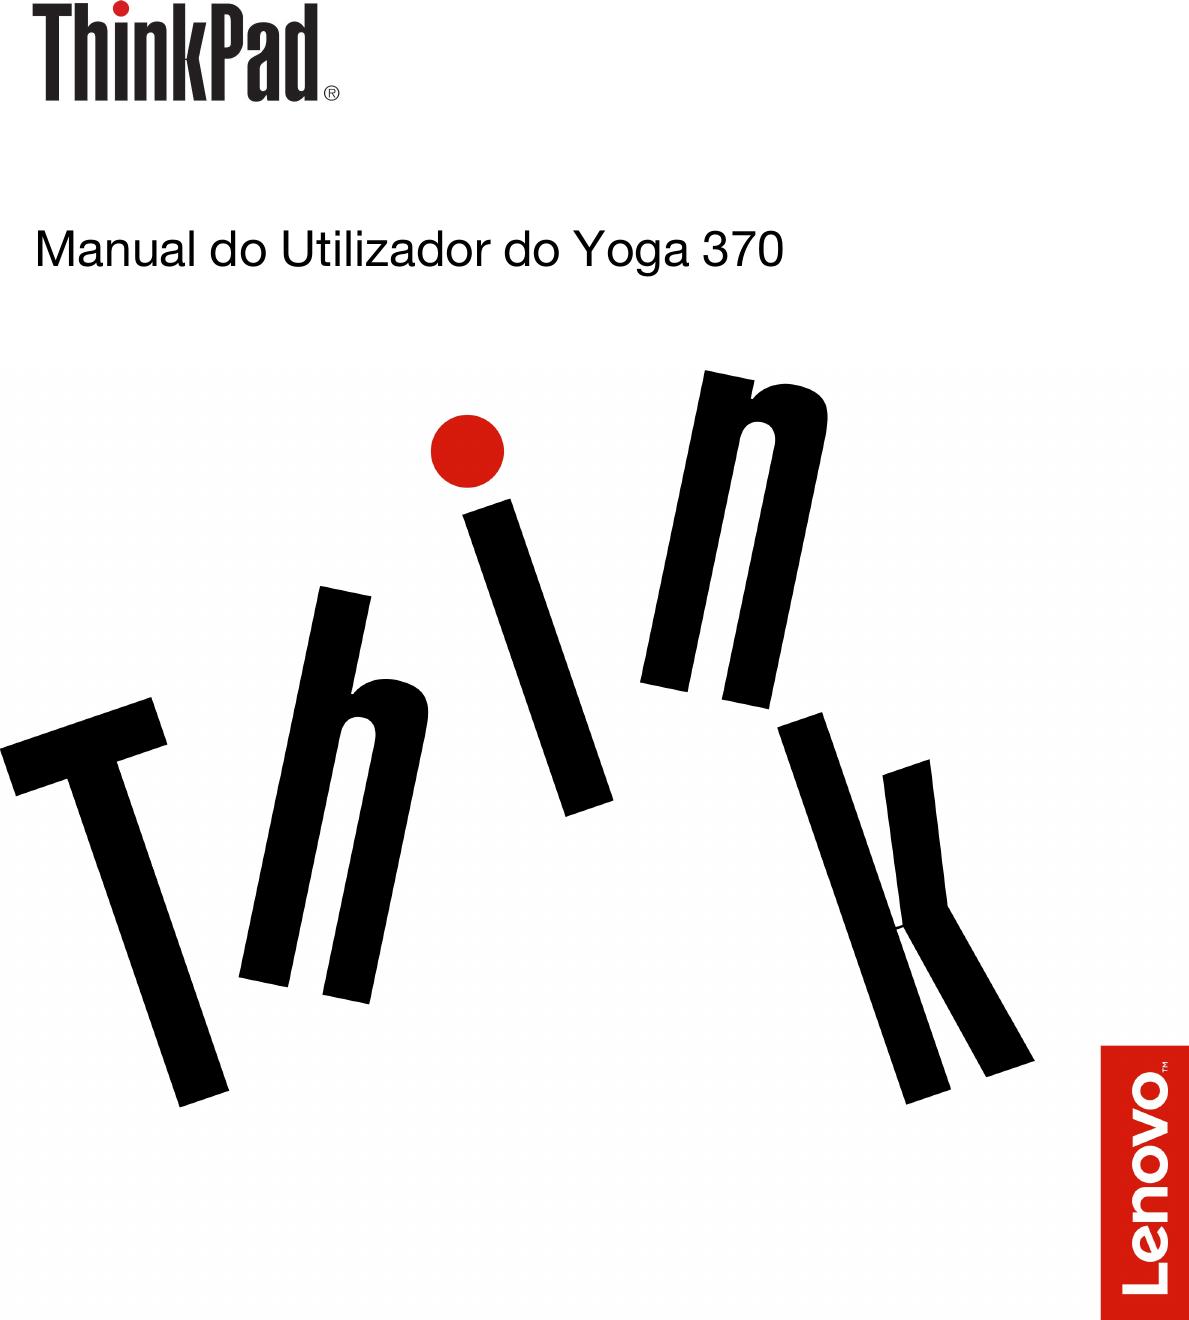 Lenovo Yoga 370 Ug Pt Manual Do Utilizador User